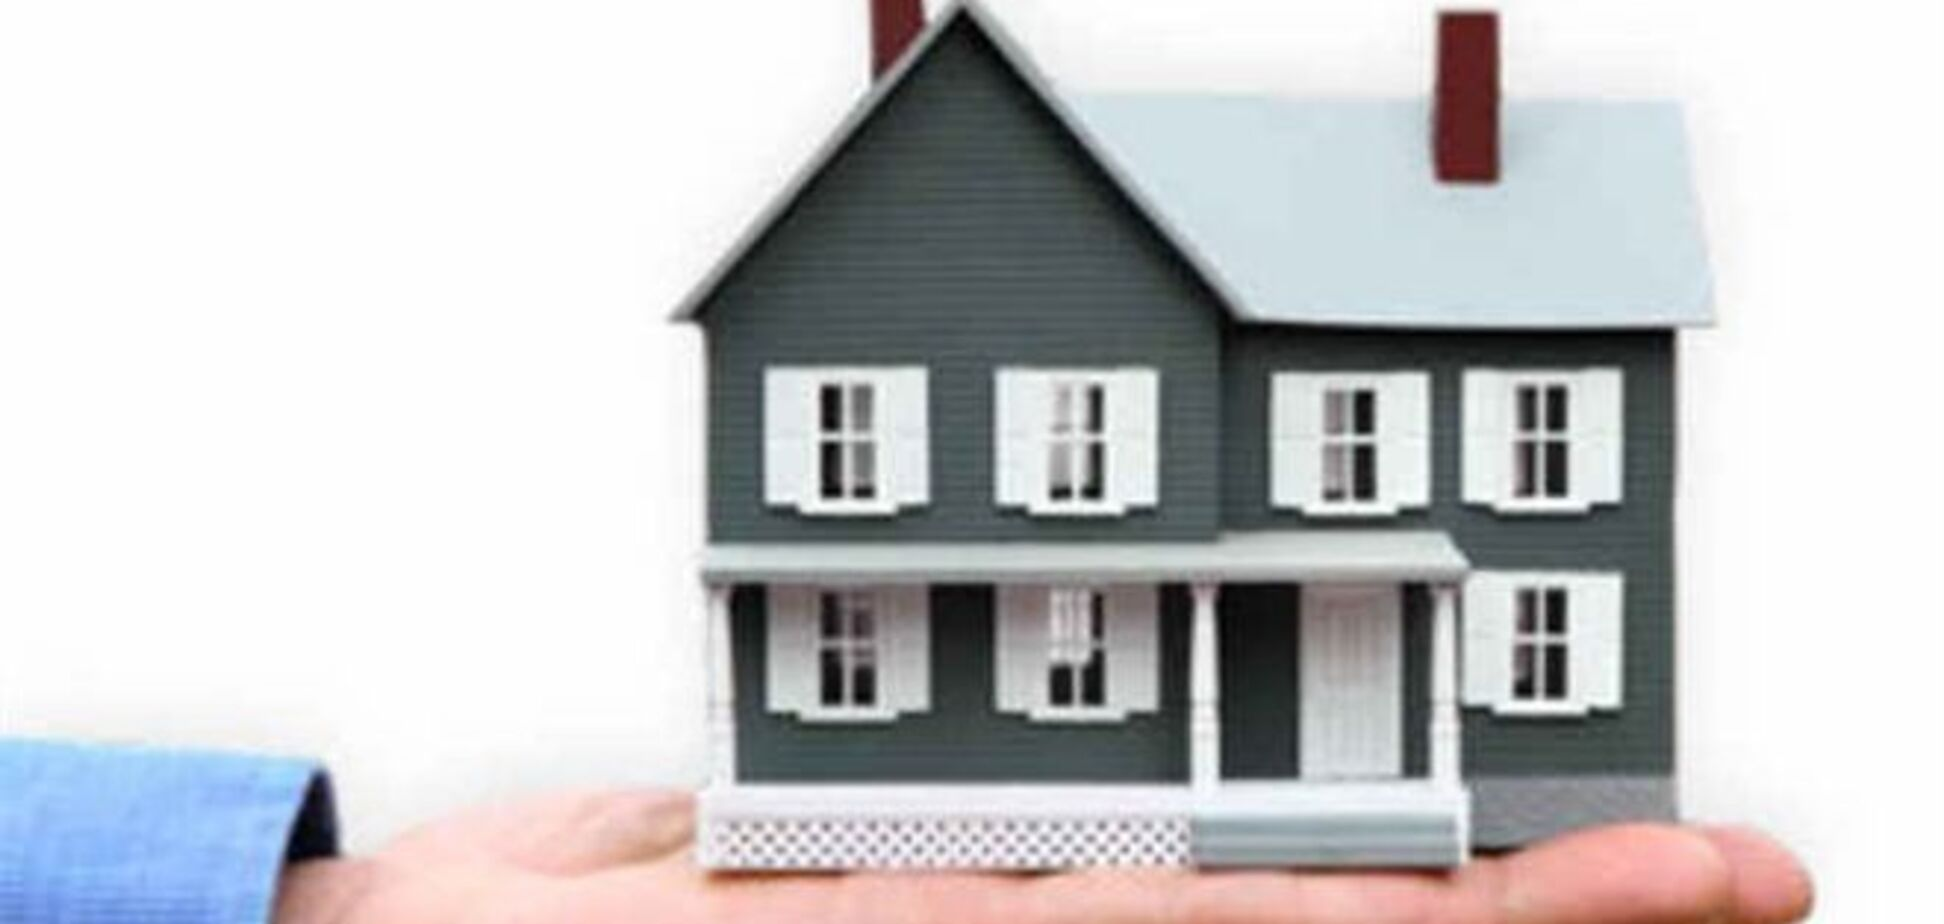 Рынок недвижимости: нотариусы готовы совершать сделки, клиенты - нет